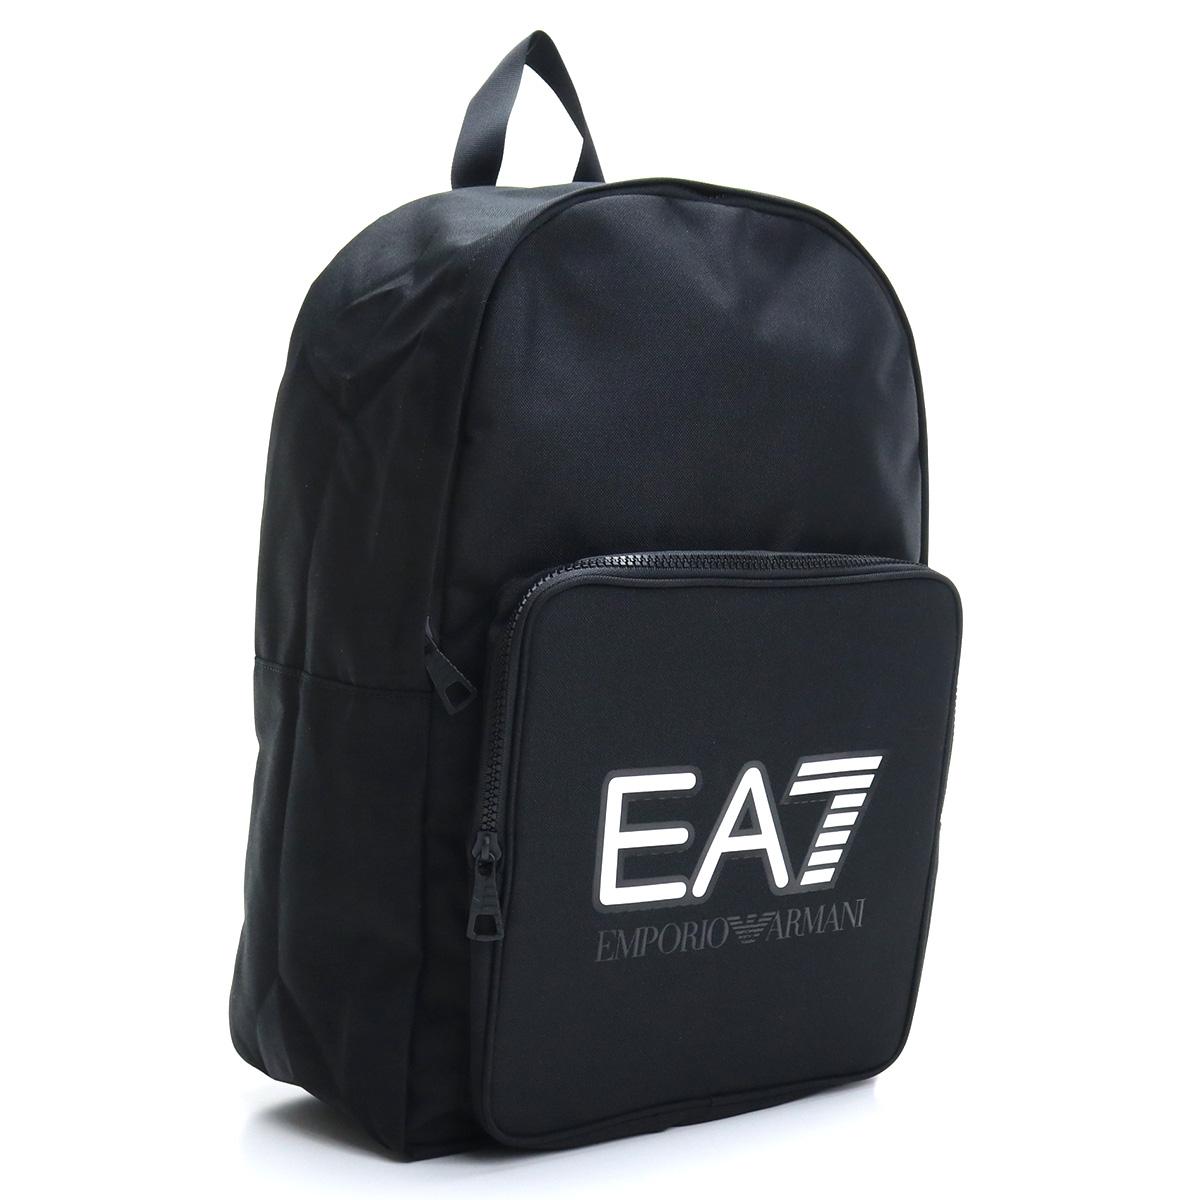 ※ 送料無料 ラッピング無料 イーエーセブン EA7 リュック 超激安特価 バックパック 275958 メンズ BLACK 0A101 bos-20 00020 送料無料/新品 ブラック bag-01